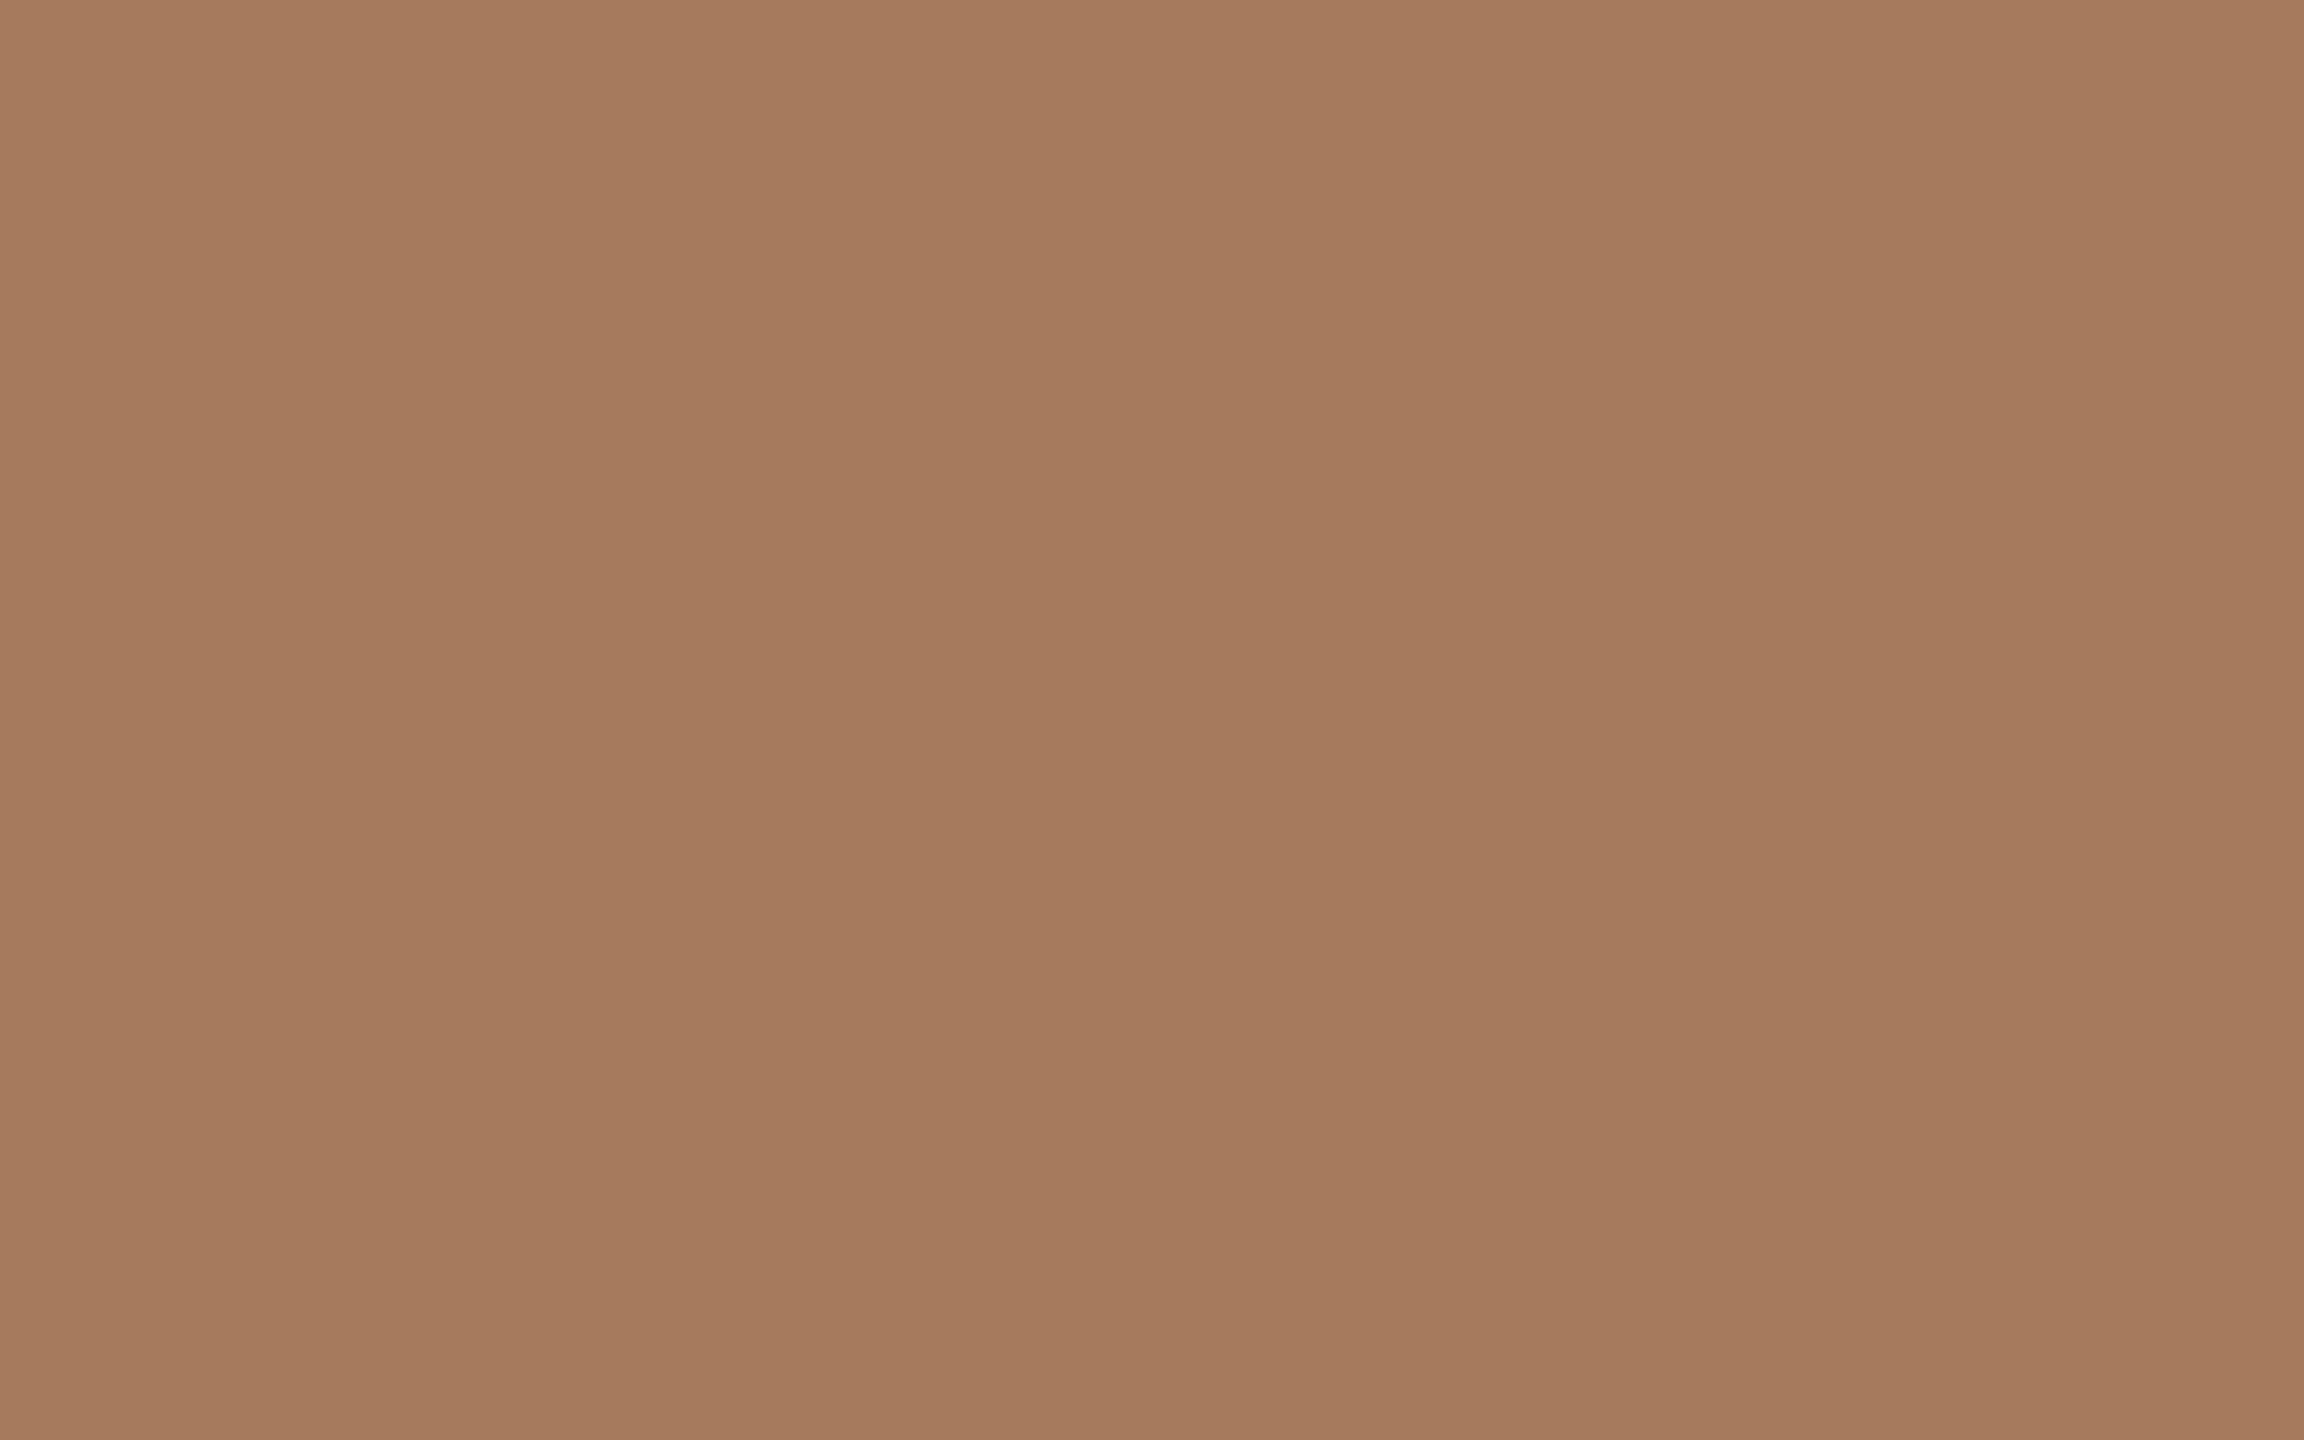 2304x1440 Cafe Au Lait Solid Color Background